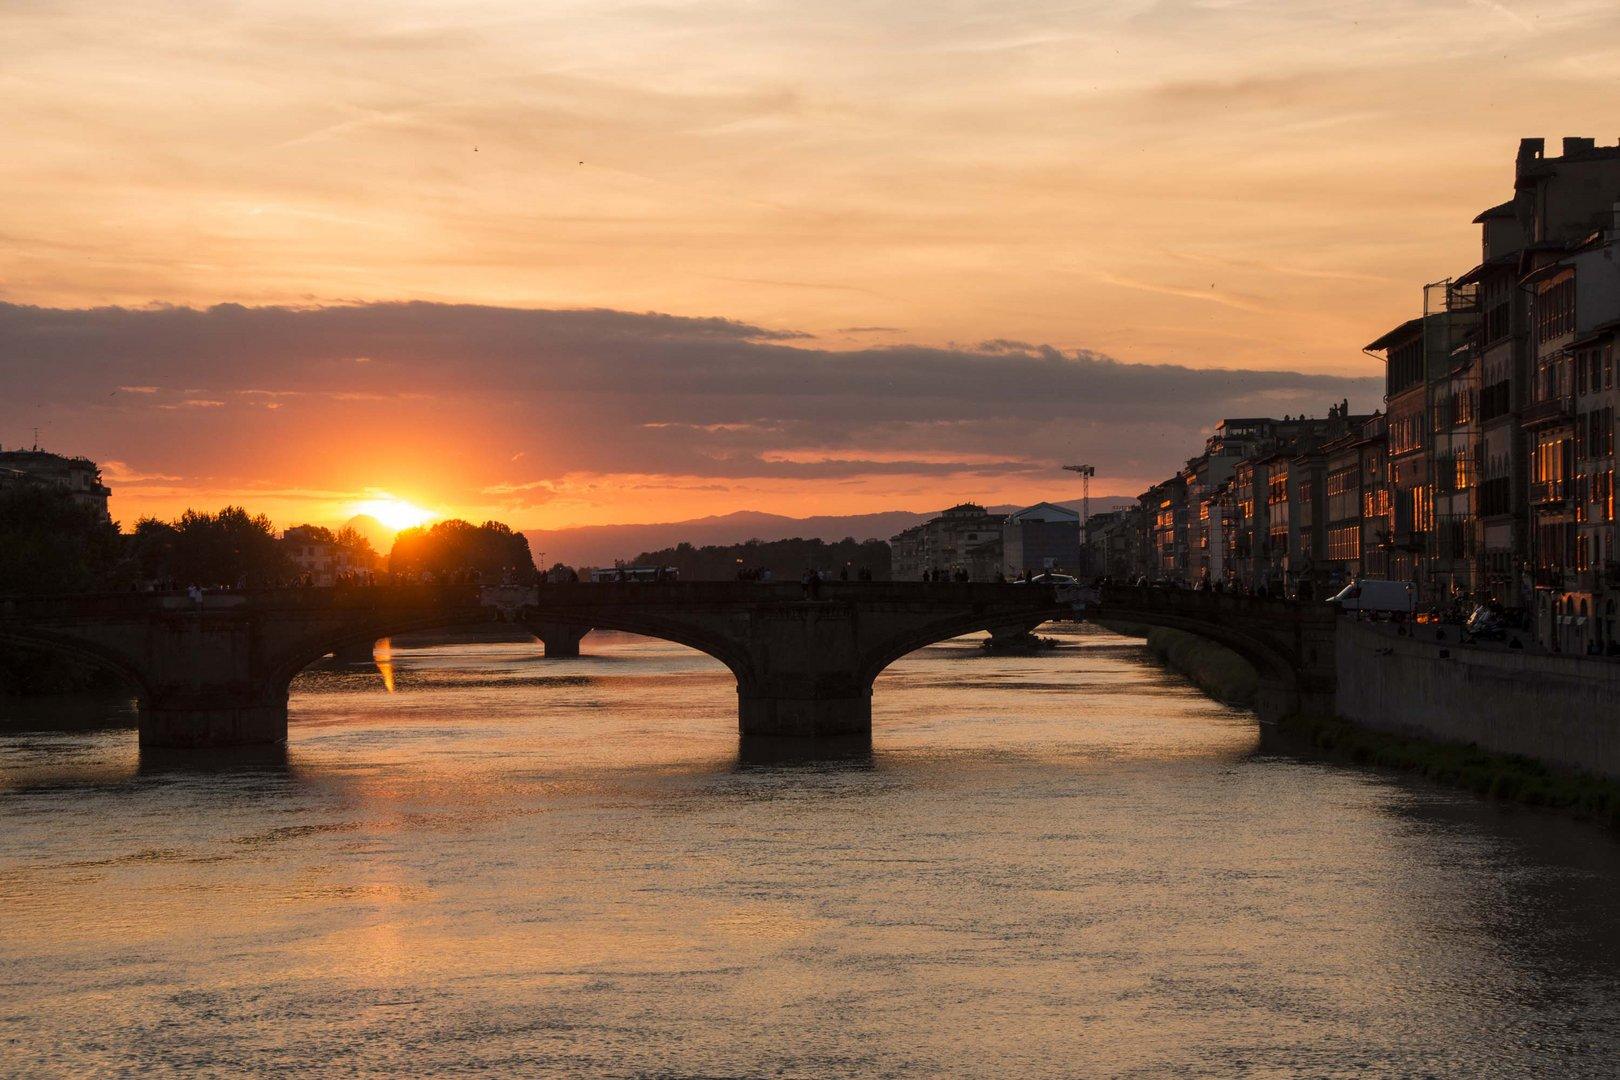 Arno beim Sonnenuntergang